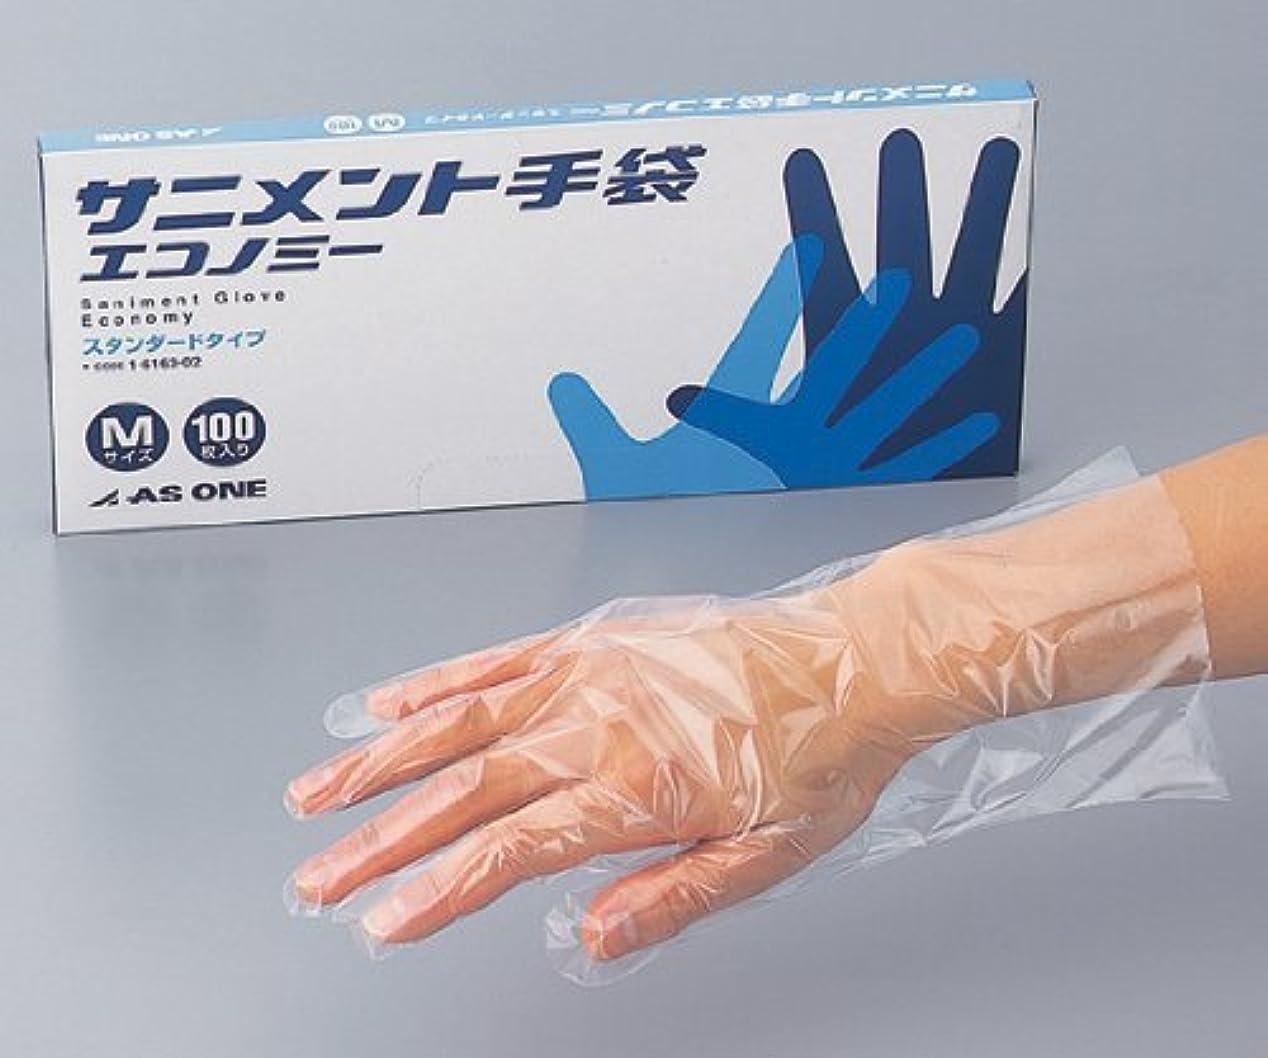 フルーツ欠陥モロニックラボランサニメント手袋(エコノミー) スタンダード M 1ケース(100枚/箱×11箱入)